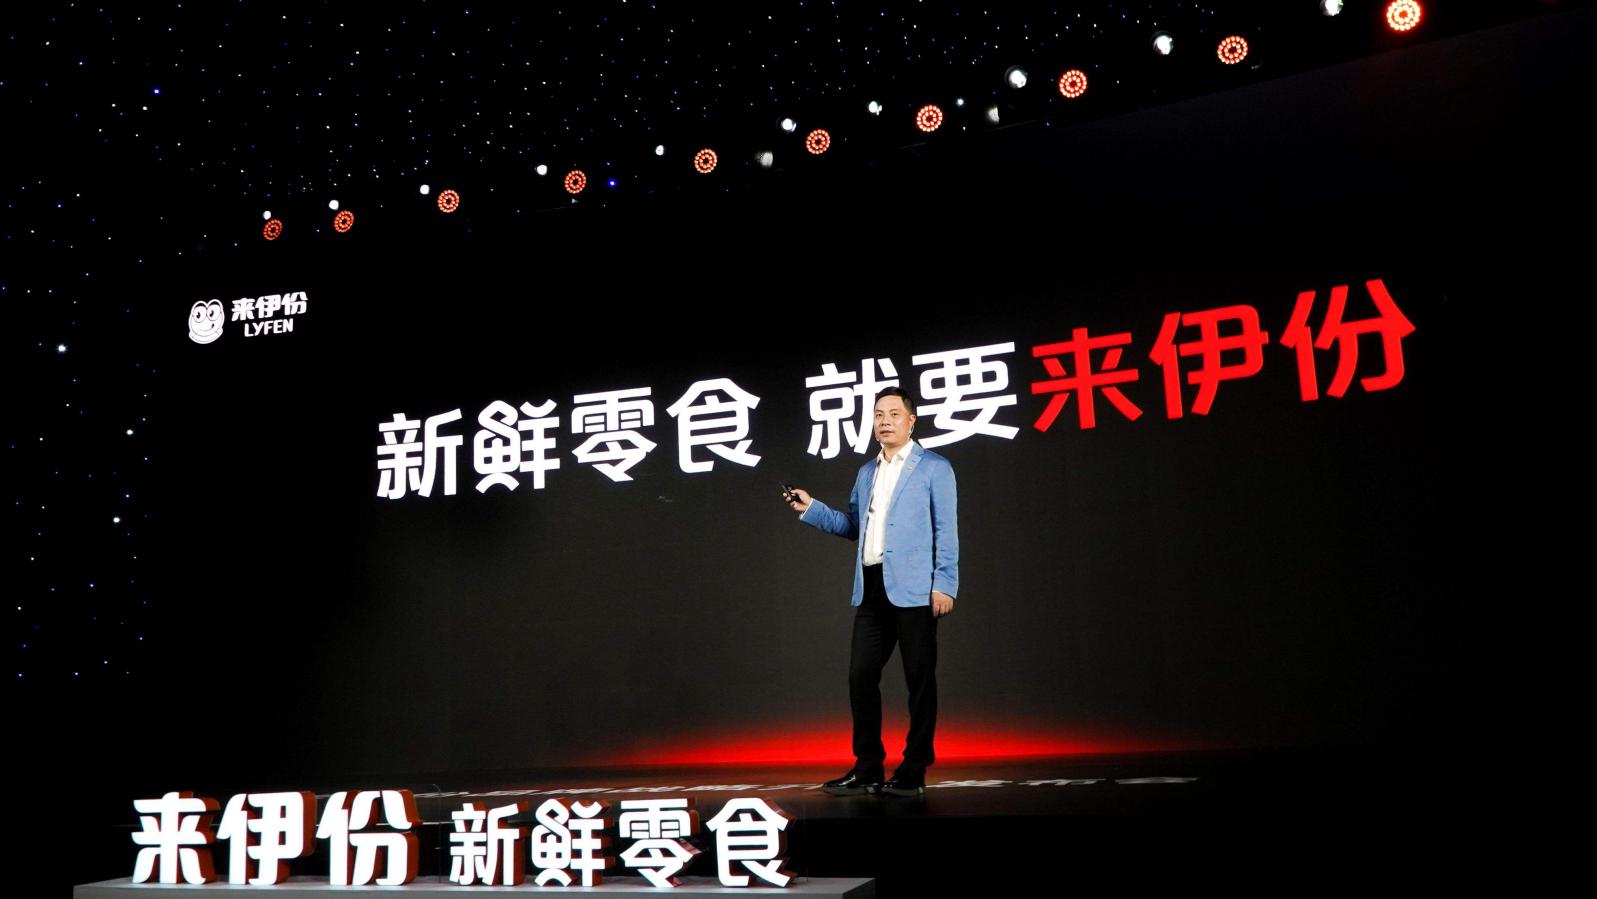 吴晓波直播首秀,上市IPO来伊份新鲜零食品牌战略升级